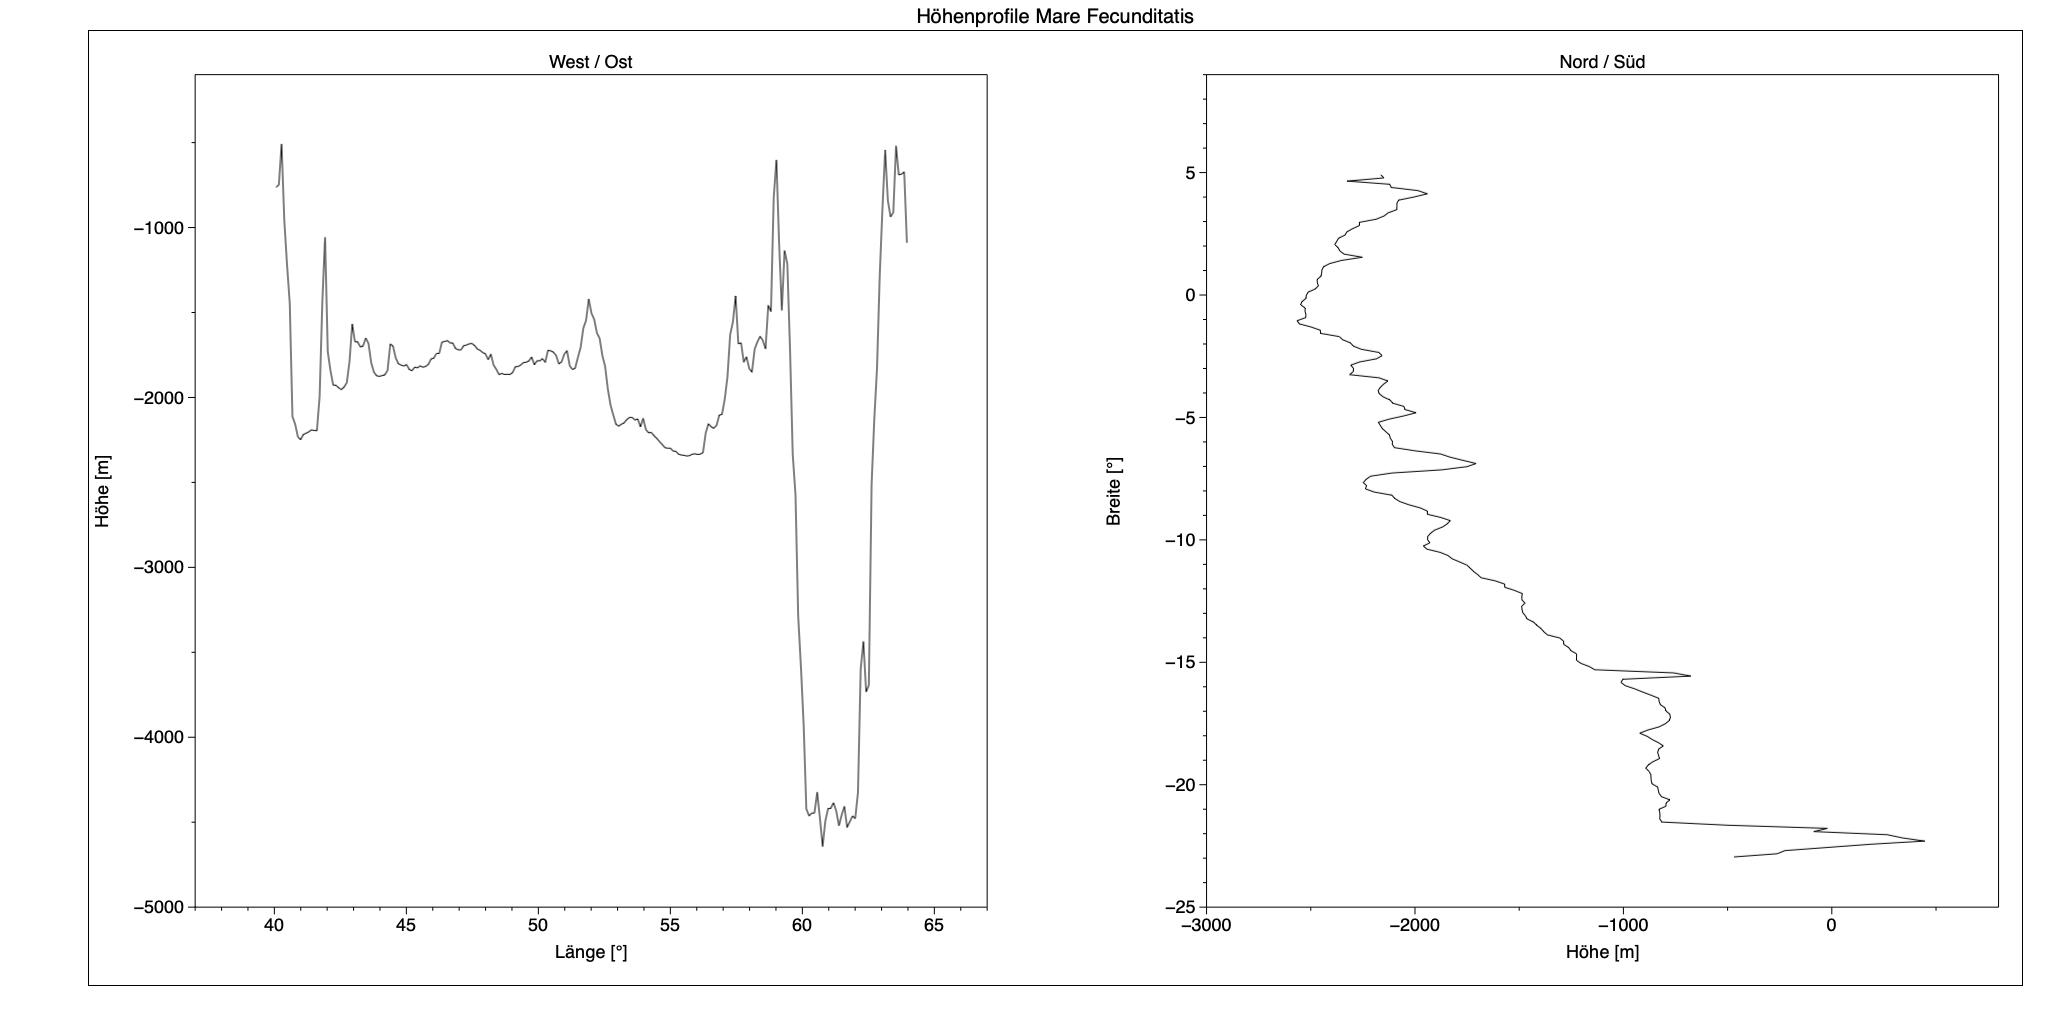 Höhenprofil deMare Fecunditatis durch das Zentrum in West/Ost- und Nord/Süd-Richtung.